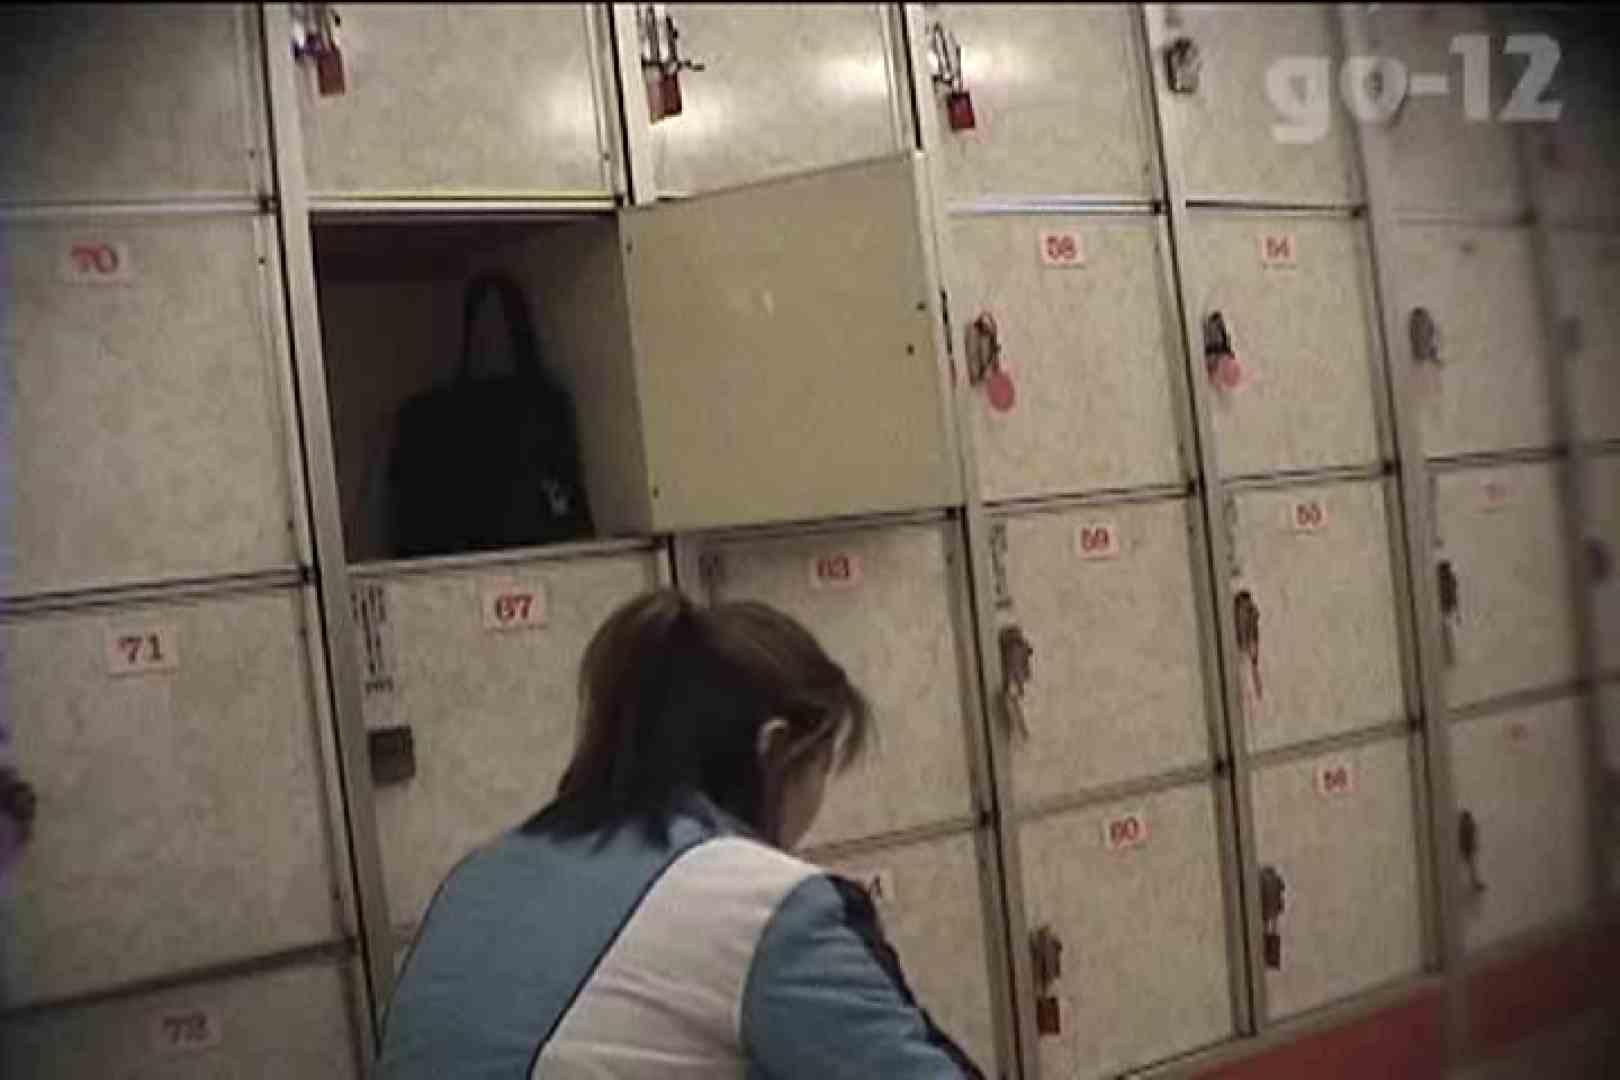 電波カメラ設置浴場からの防HAN映像 Vol.12 盗撮  82PIX 69